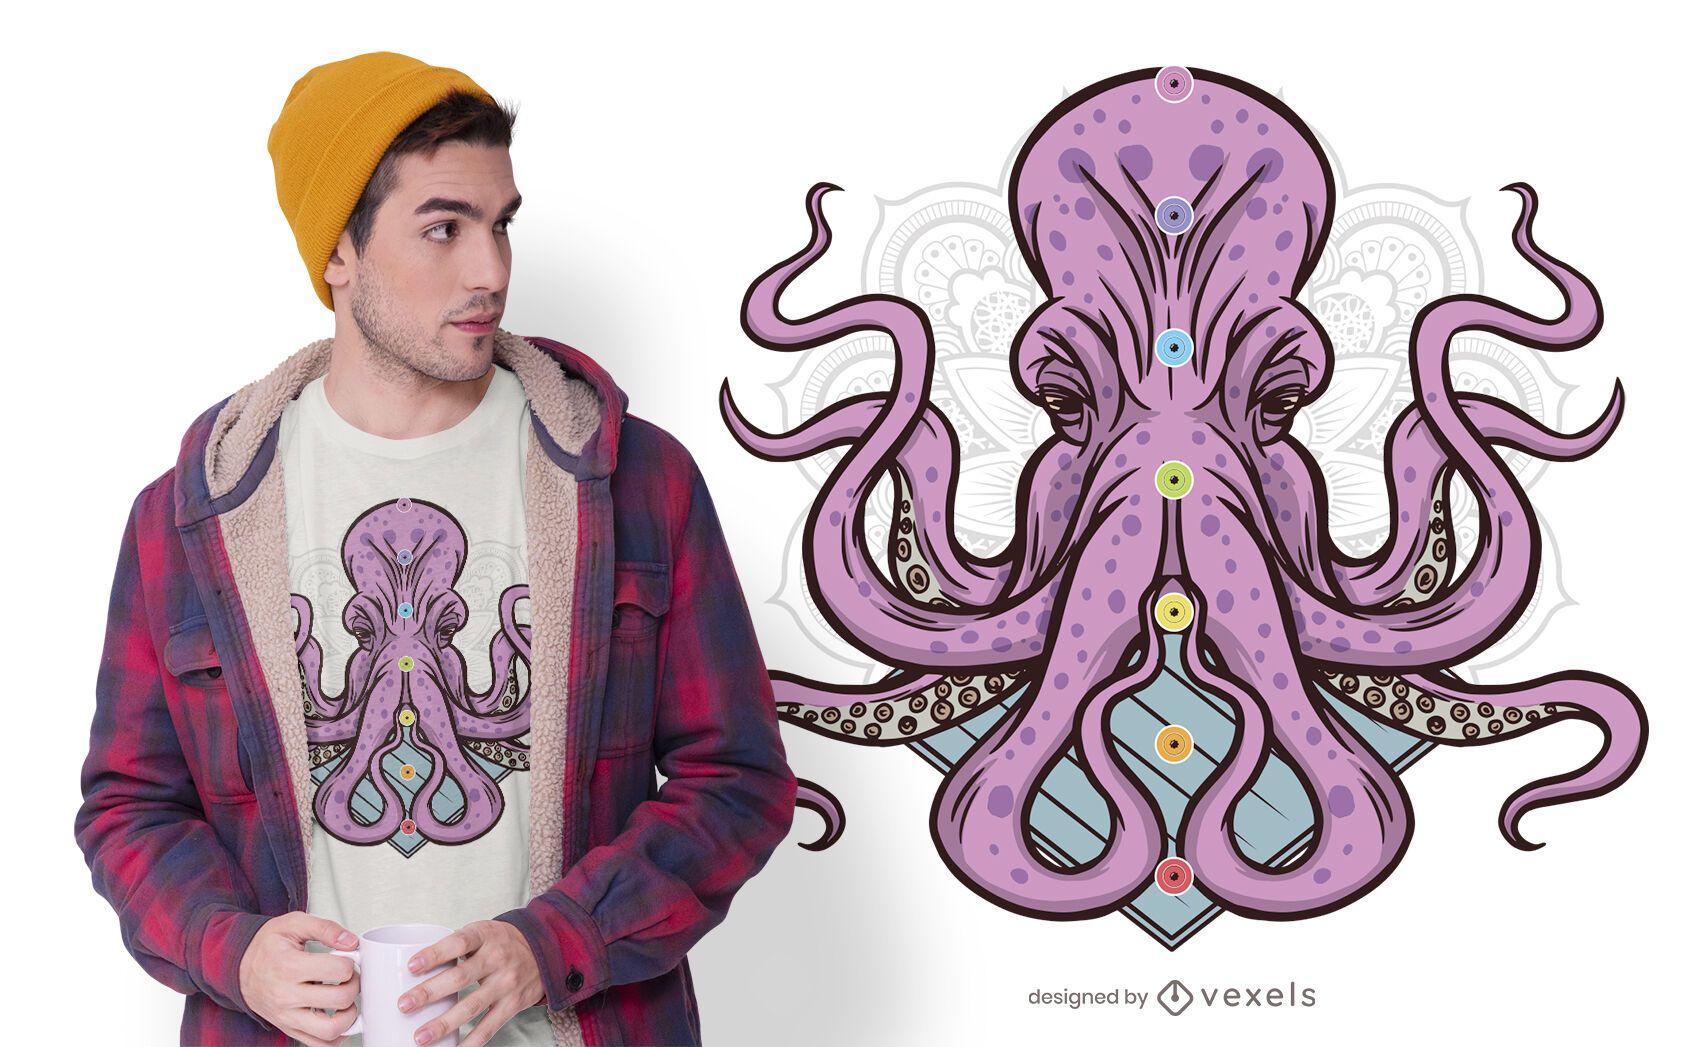 Octopus chakras t-shirt design